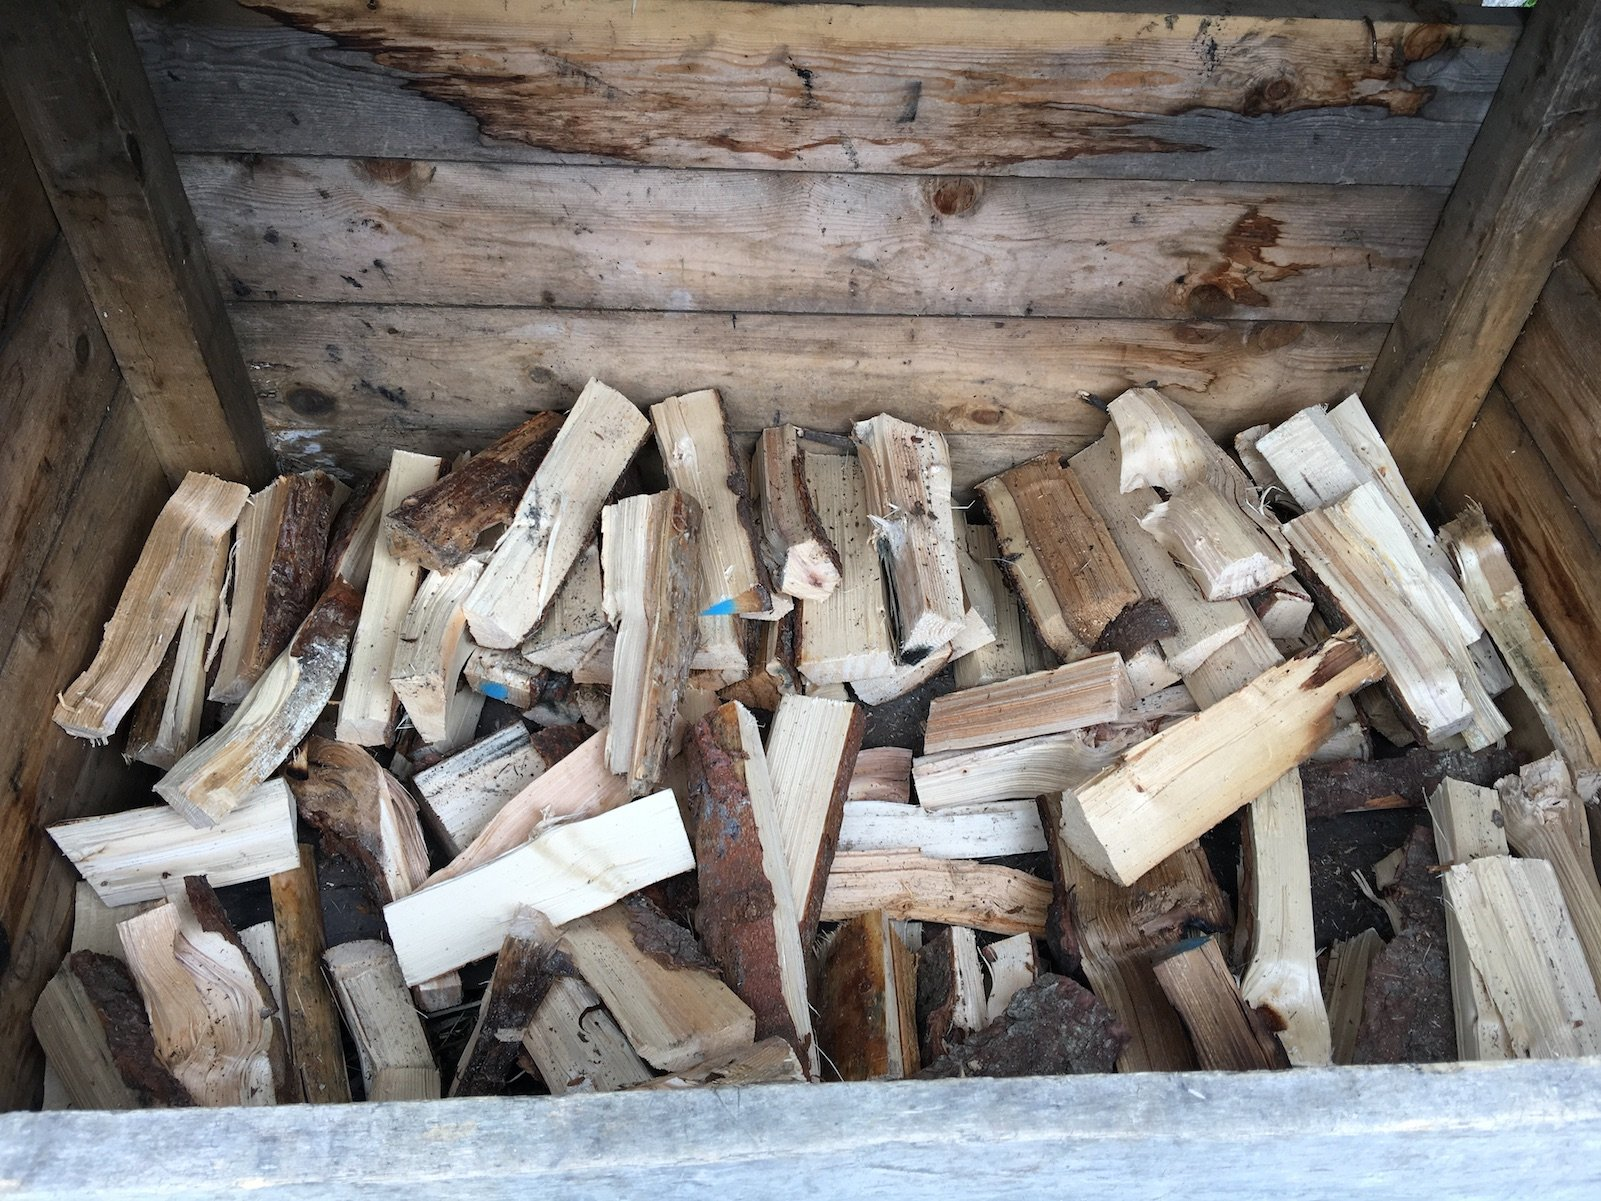 Jede Menge Holzscheite zum Grillen werden bereit gehalten